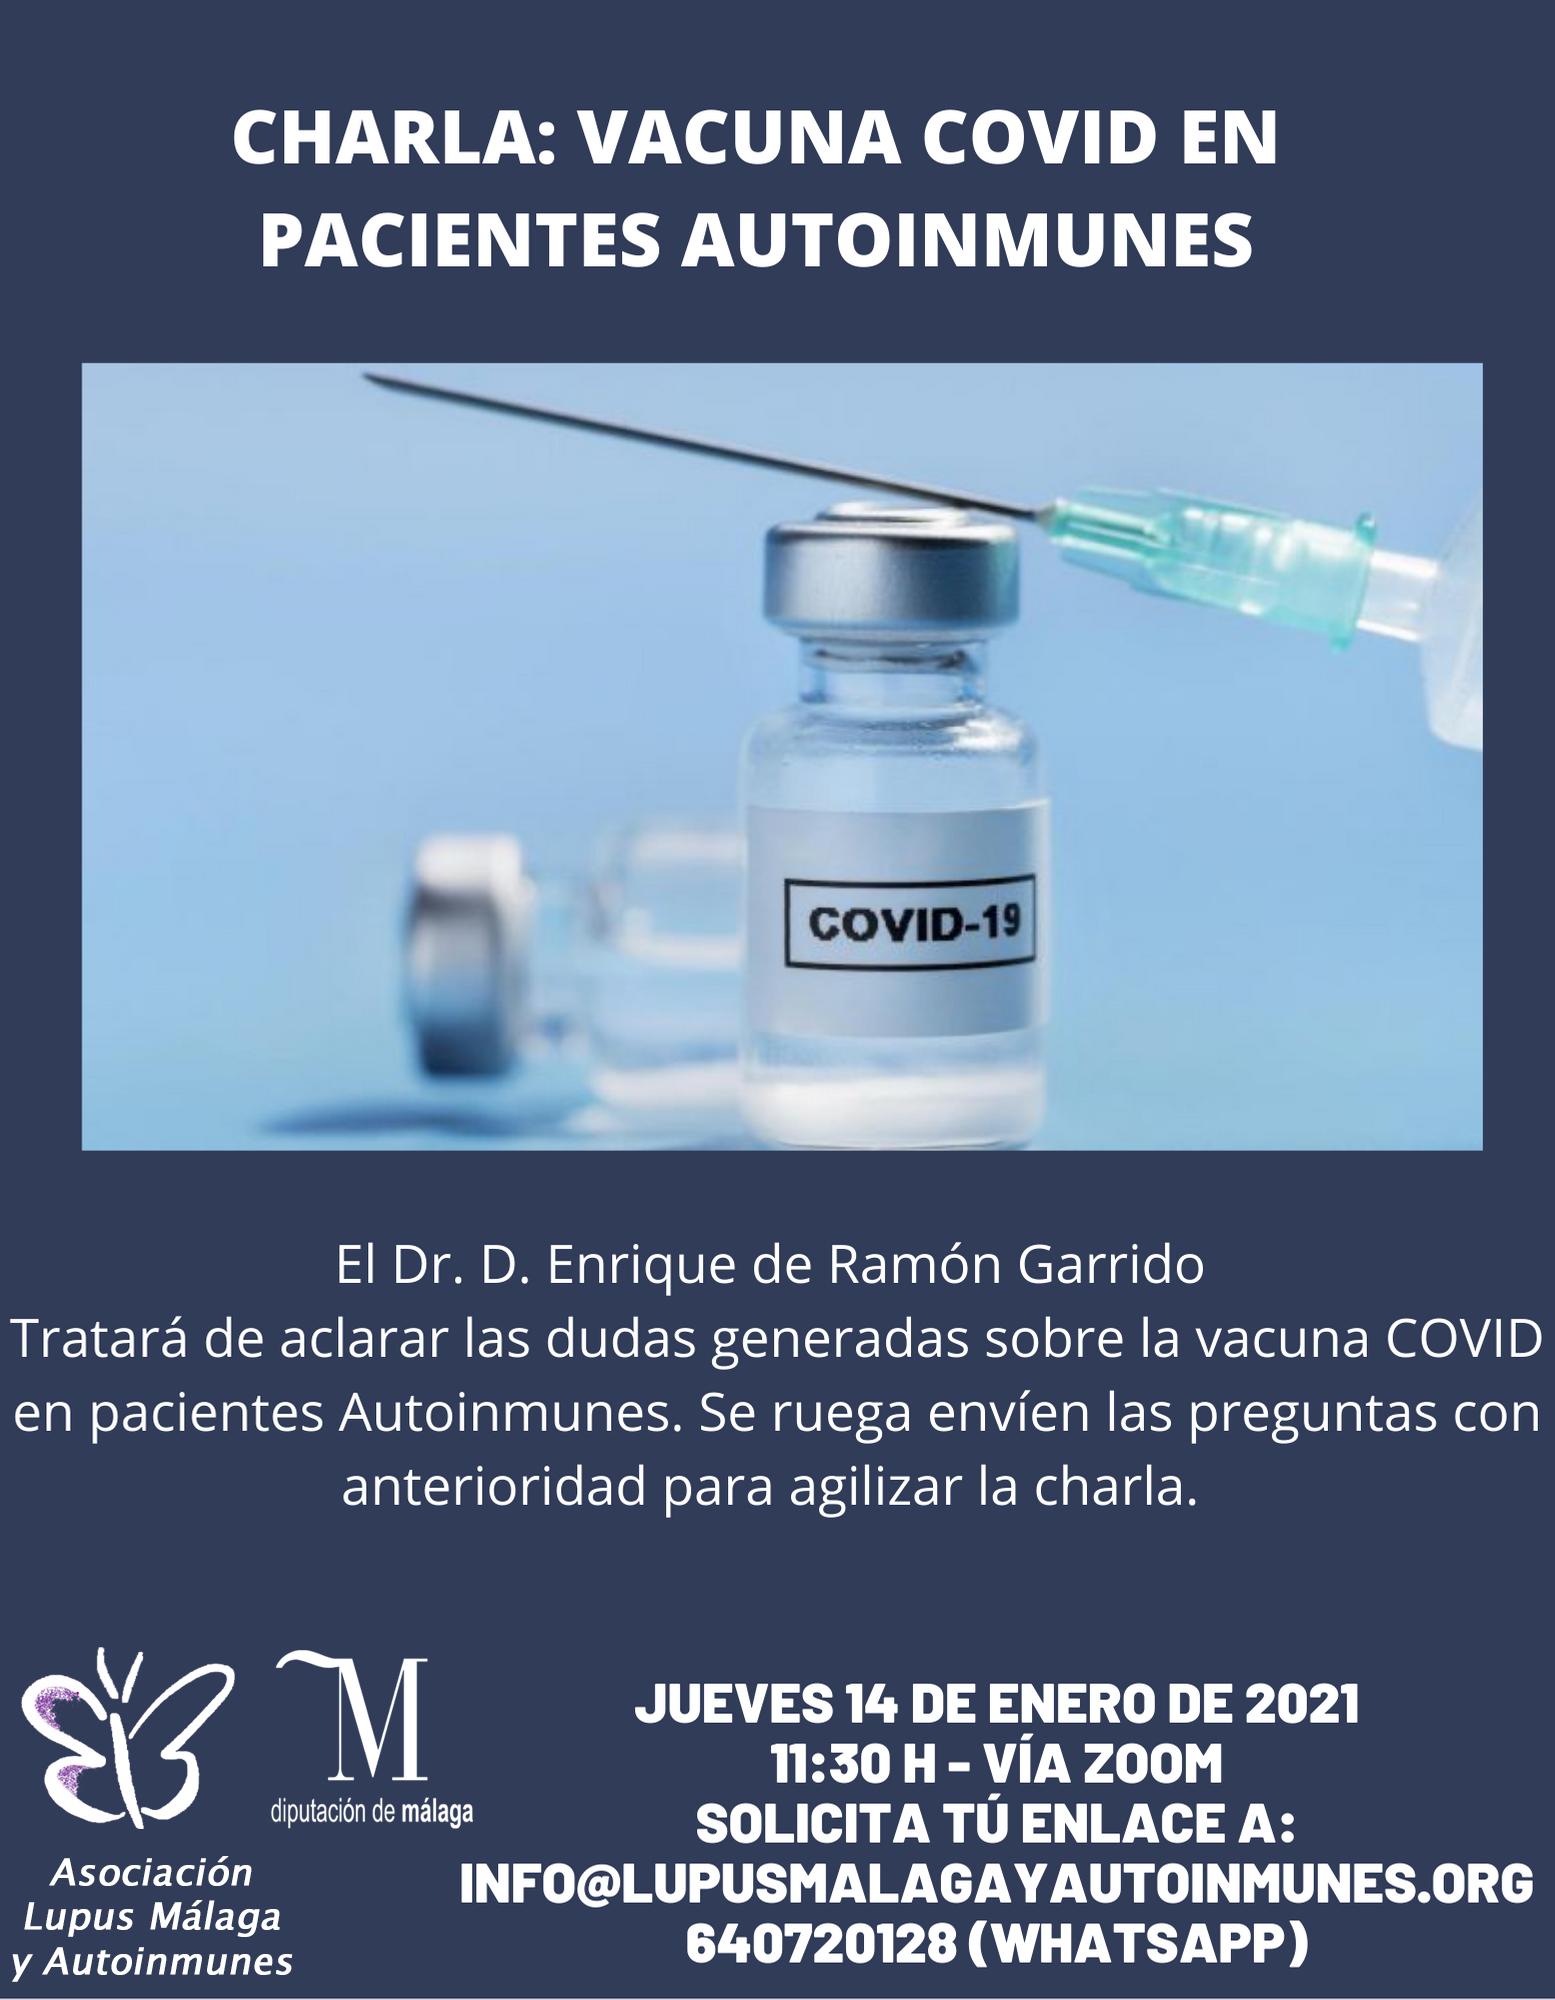 Charla sobre Vacunas COVID en pacientes Autoinmune